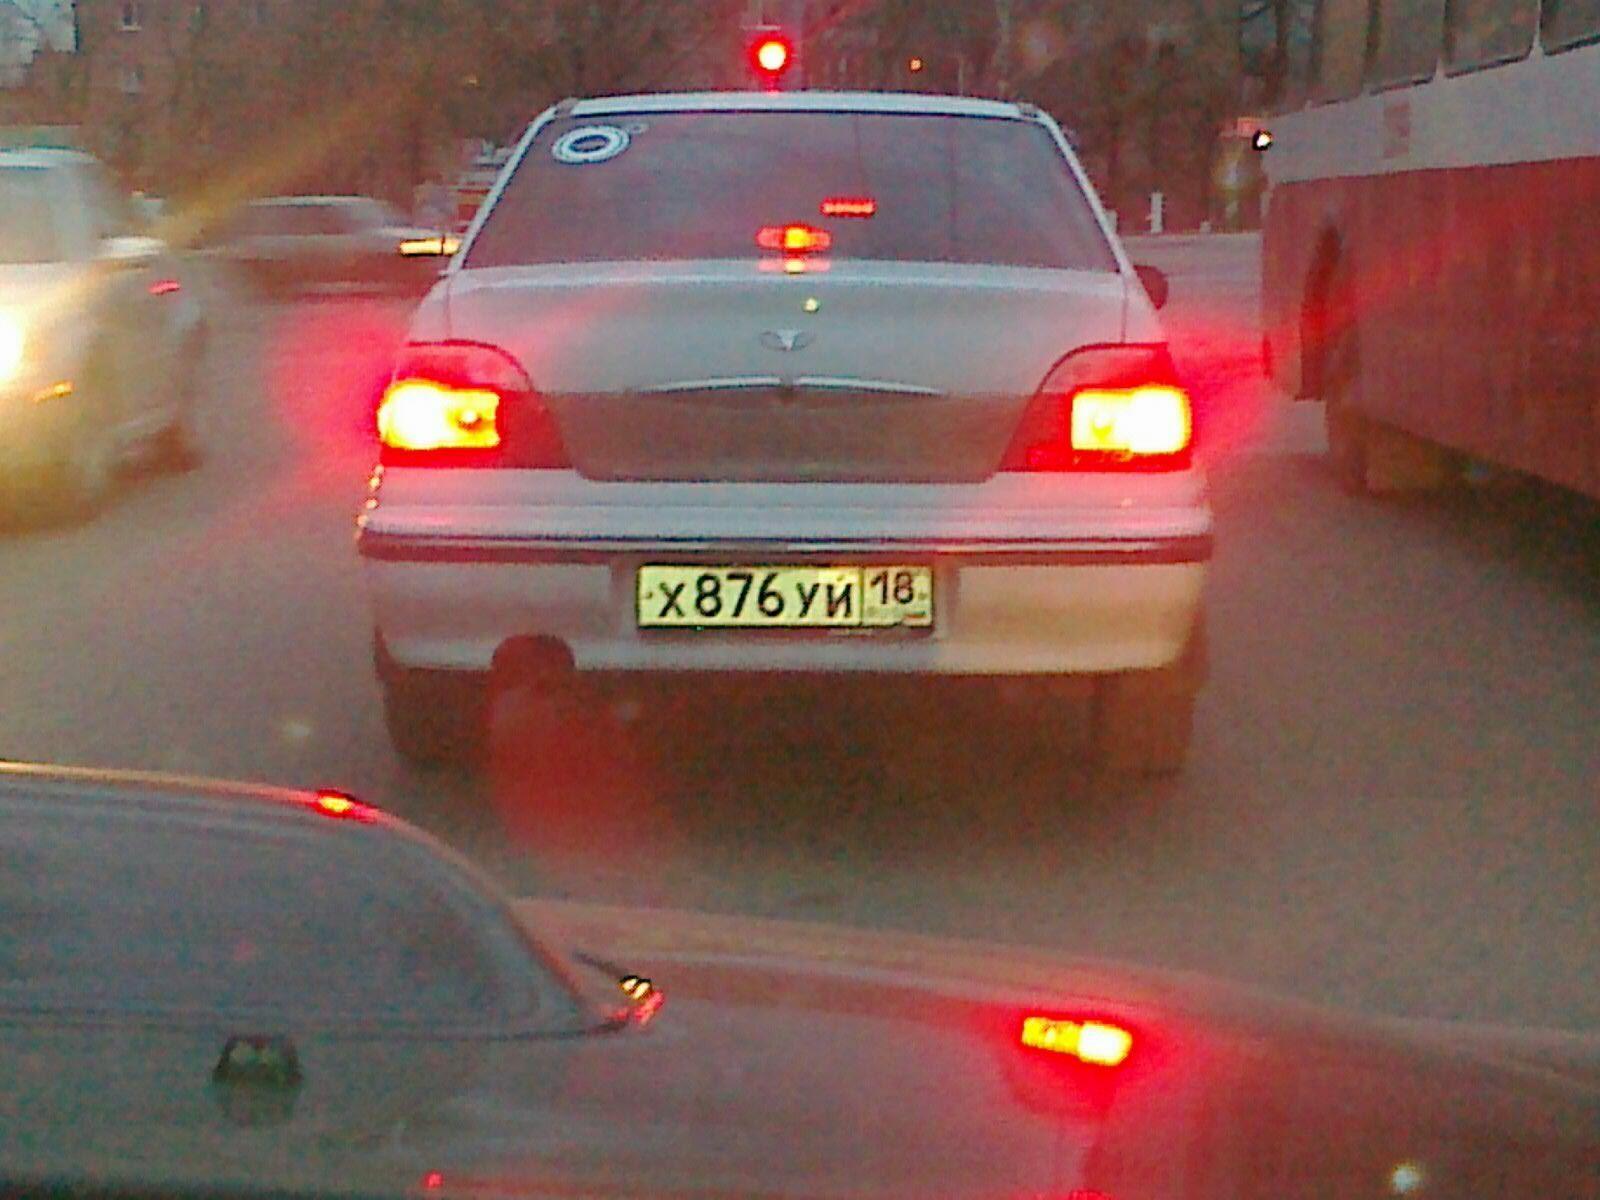 Машина с номером хуй